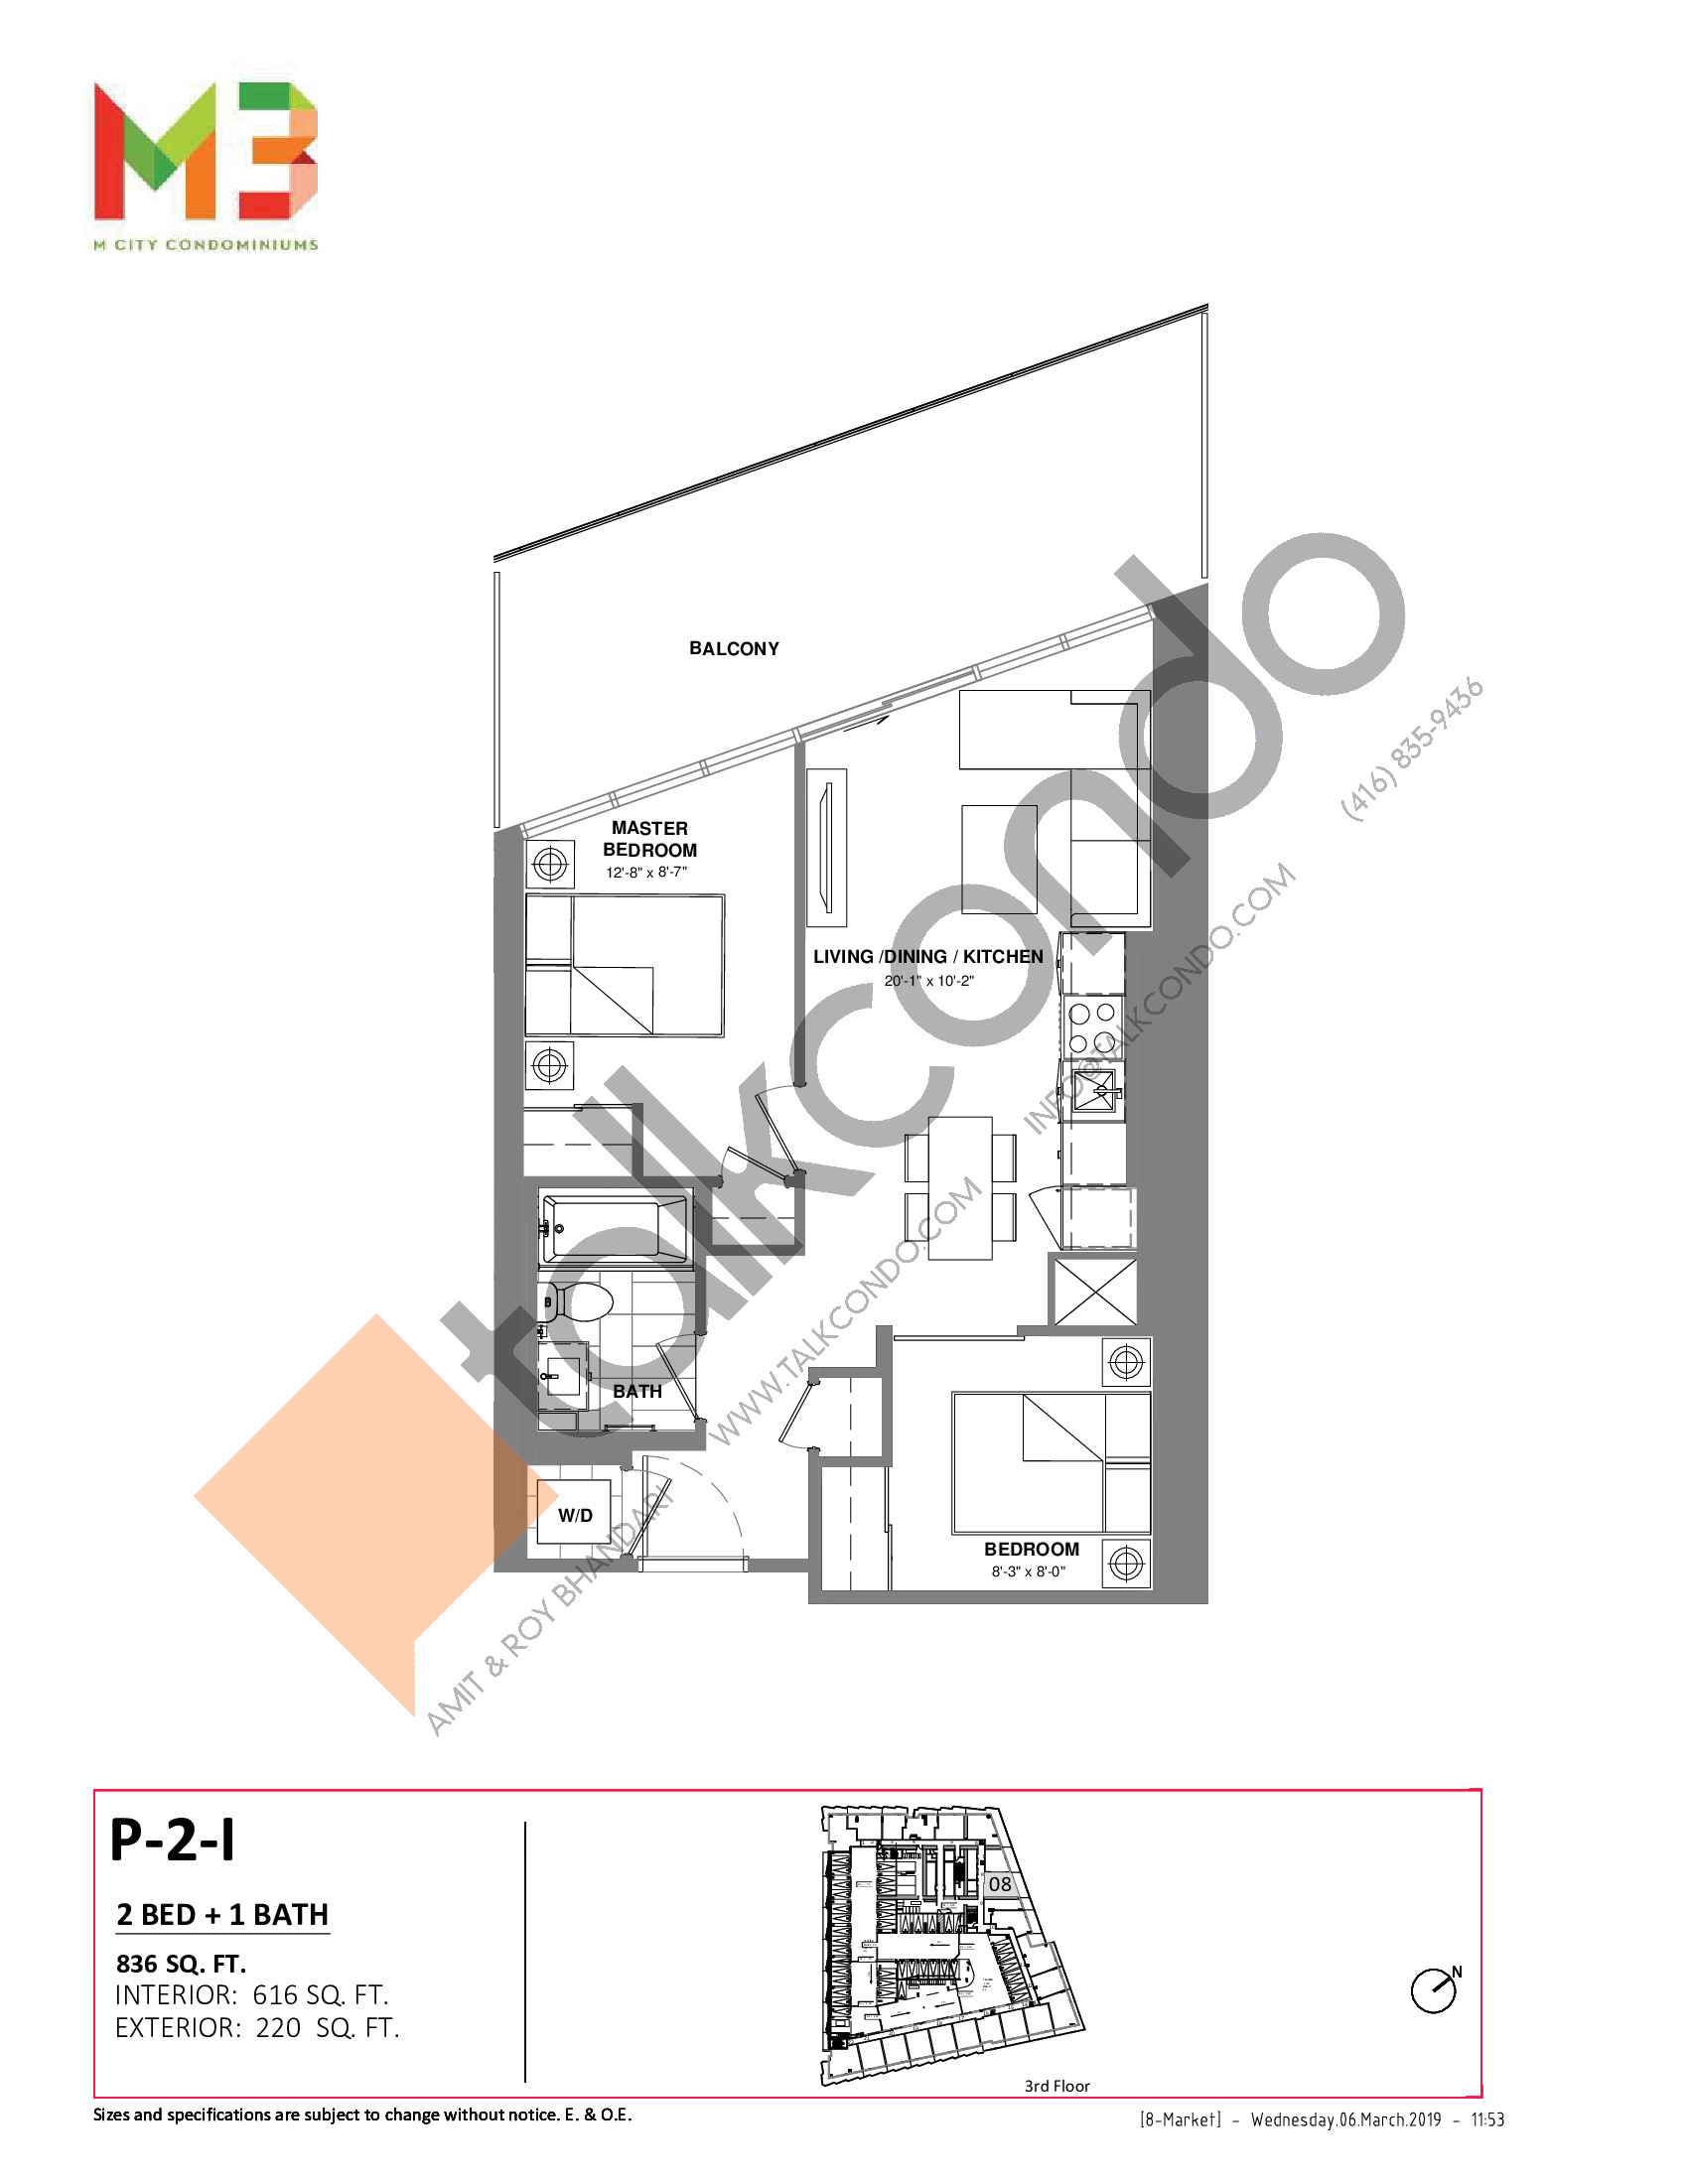 P-2-I Floor Plan at M3 Condos - 616 sq.ft